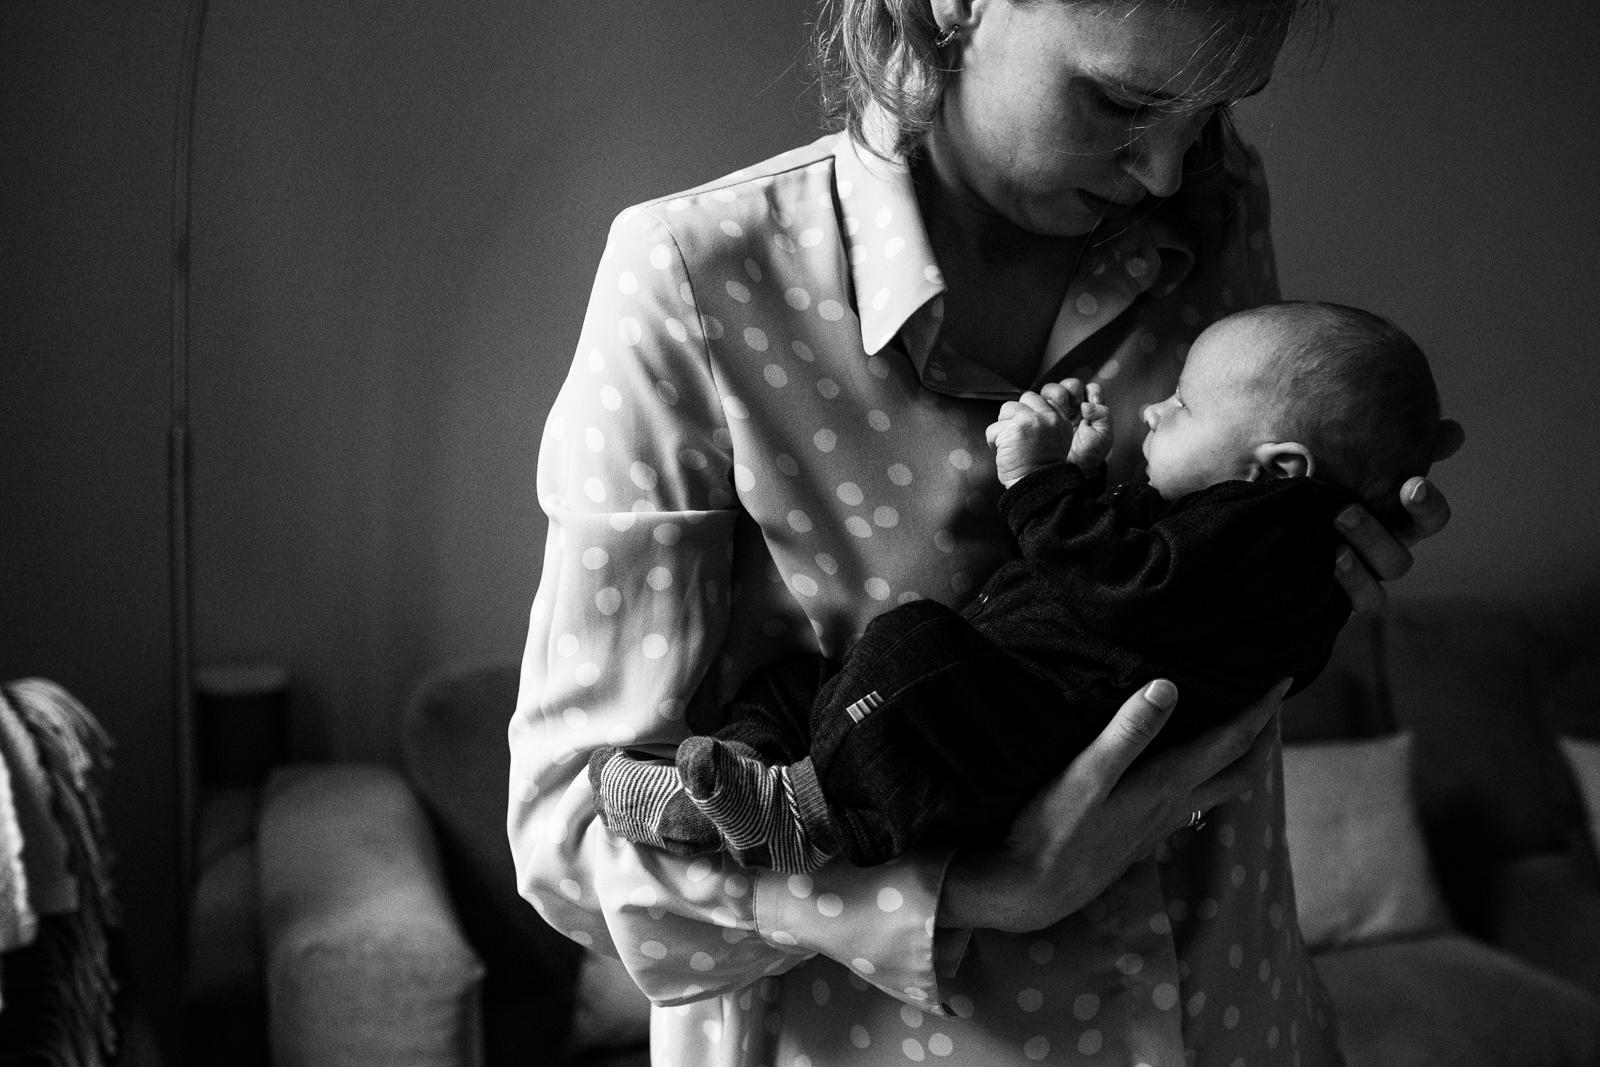 Mutter hält vorsichtig ihr Neugeborenes.